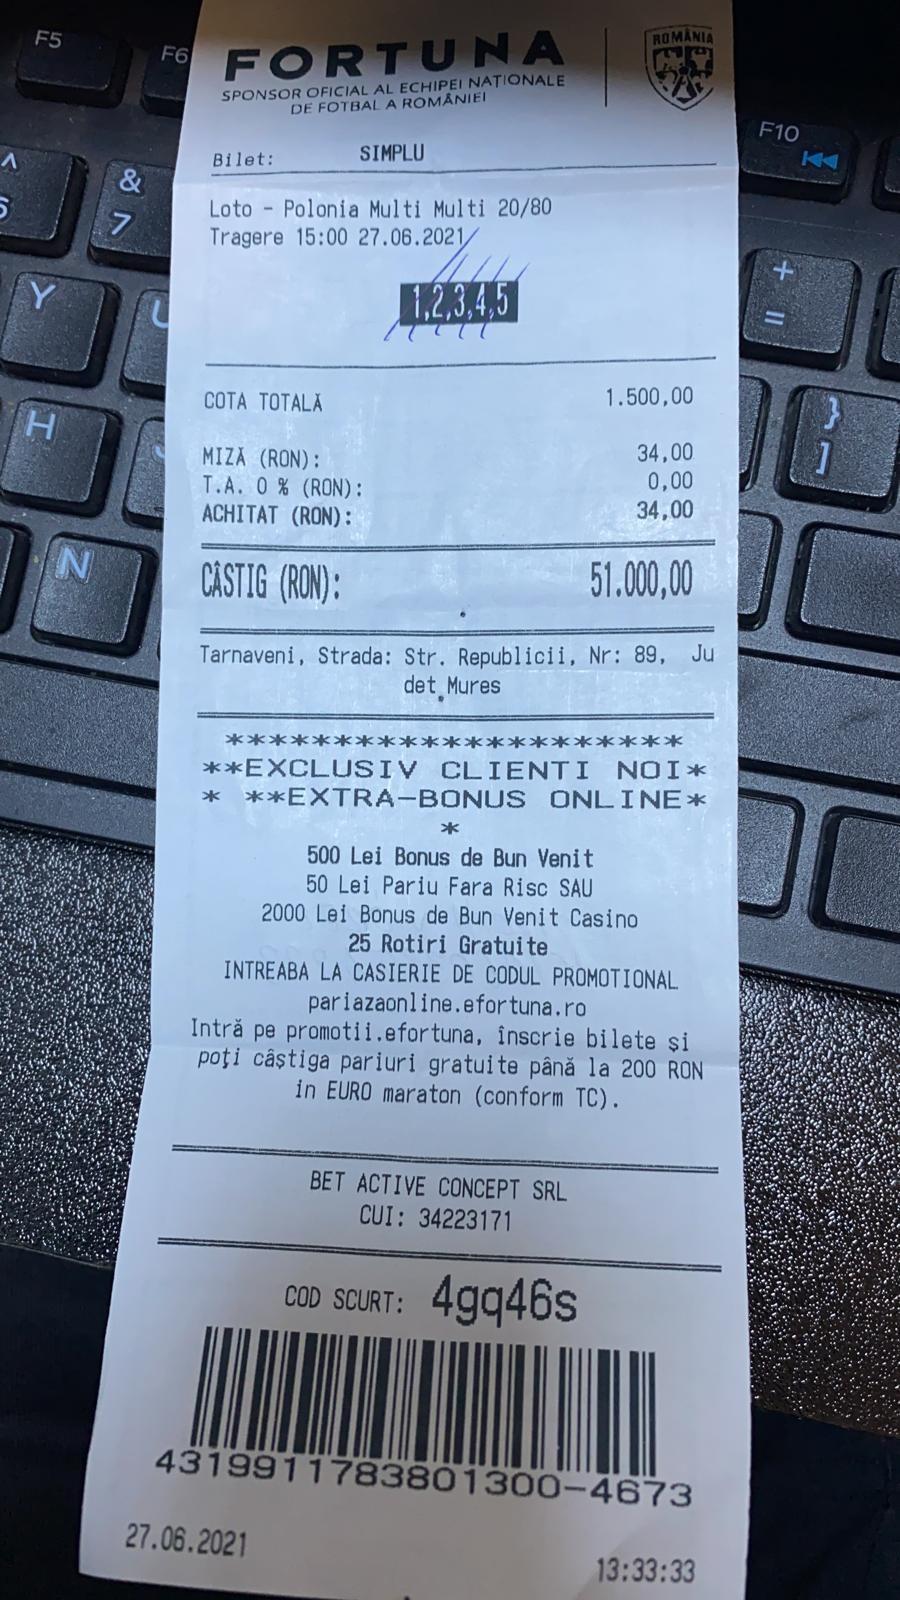 bilete castigatoare loto polonia